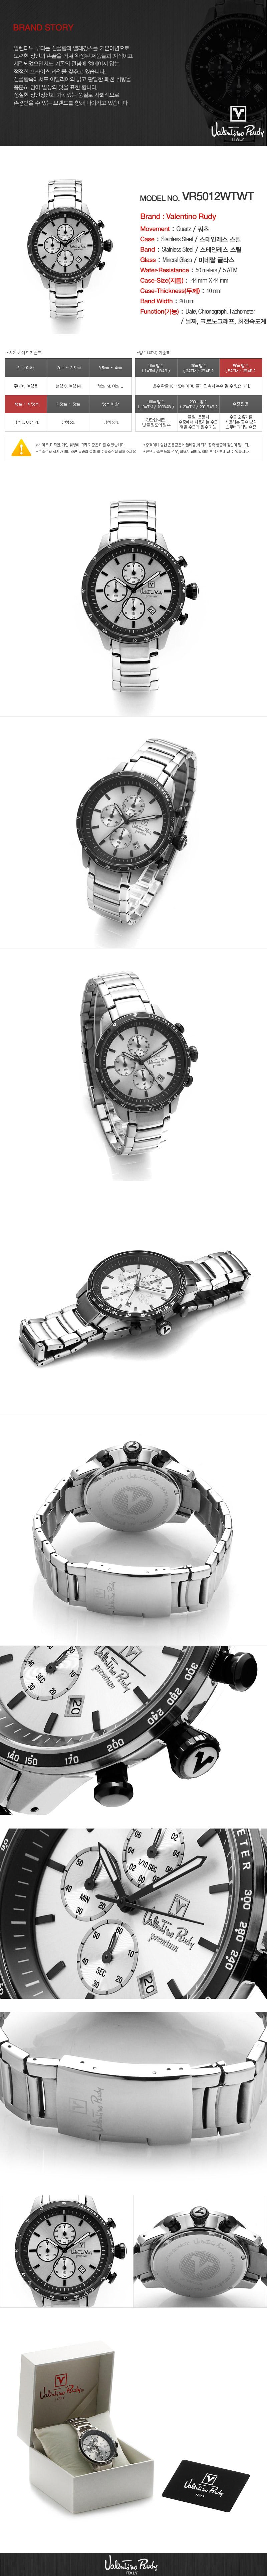 발렌티노 루디(VALENTINO RUDY) VR5012WTWT 크로노그래프 남성 메탈시계 44mm